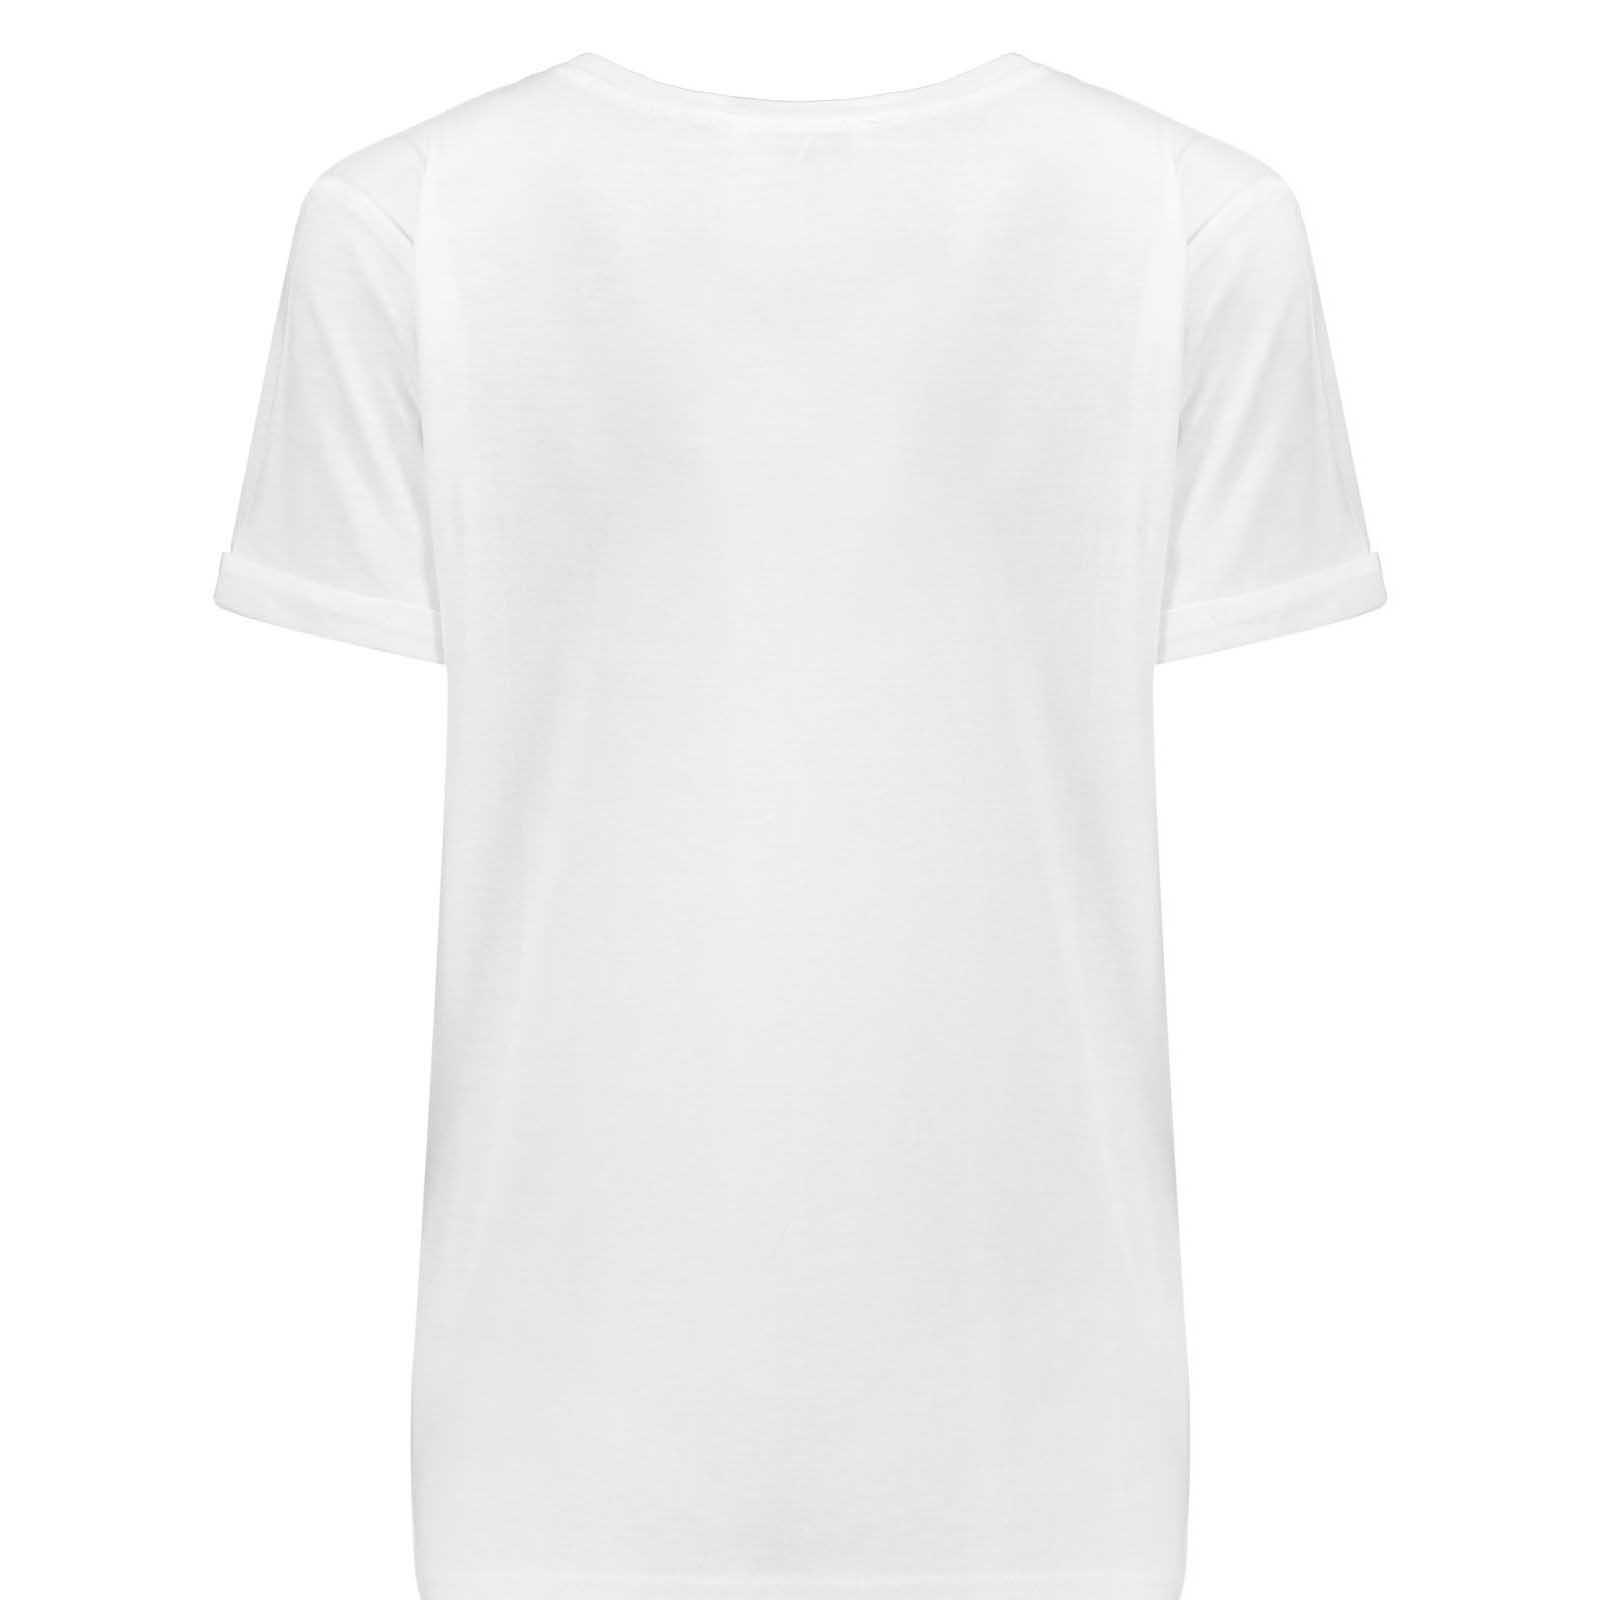 تیشرت آستین کوتاه زنانه کد b18 رنگ سفید